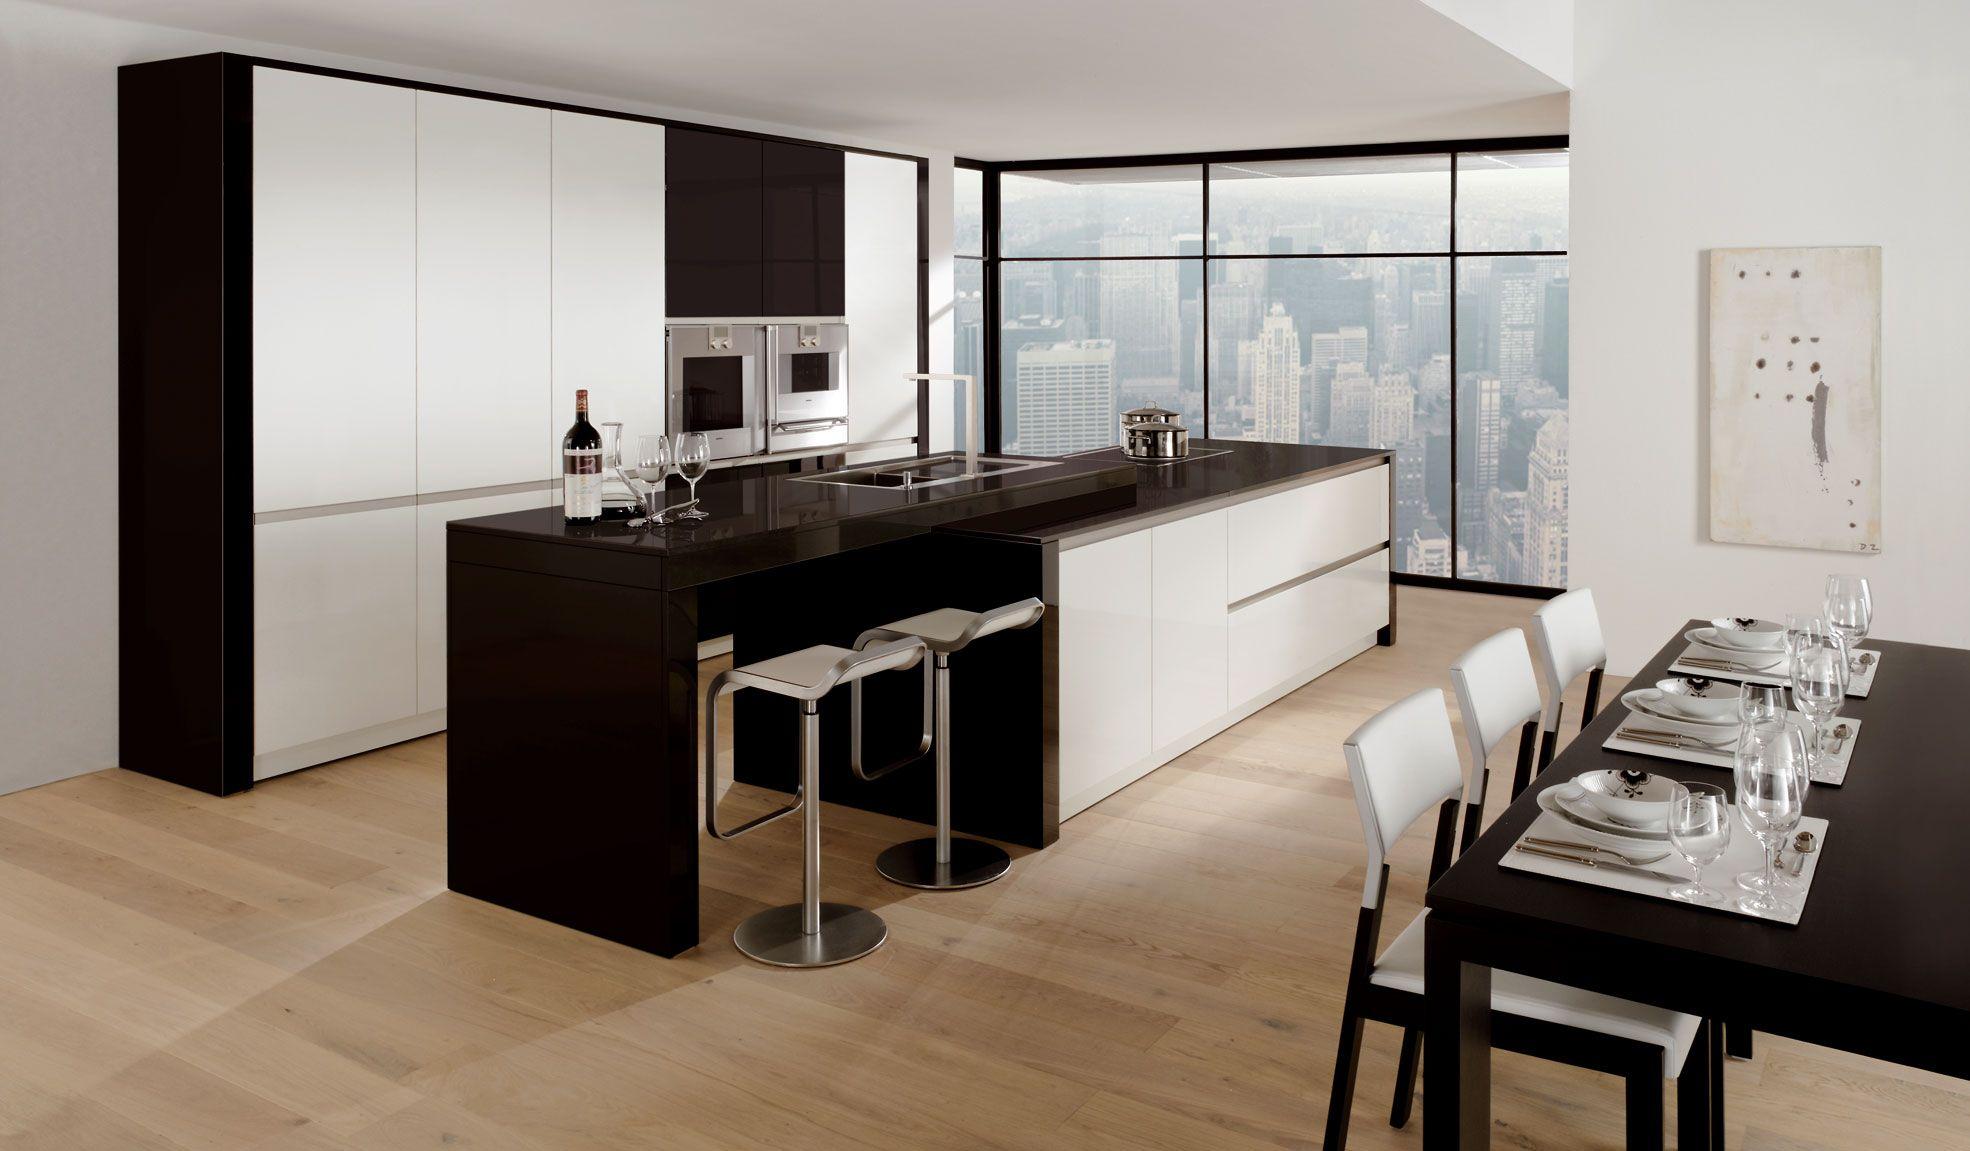 Cocina sin tiradores laca alto brillo blanca acentuada en laca alto brillo negra encimeras de - Cocina blanca sin tiradores ...